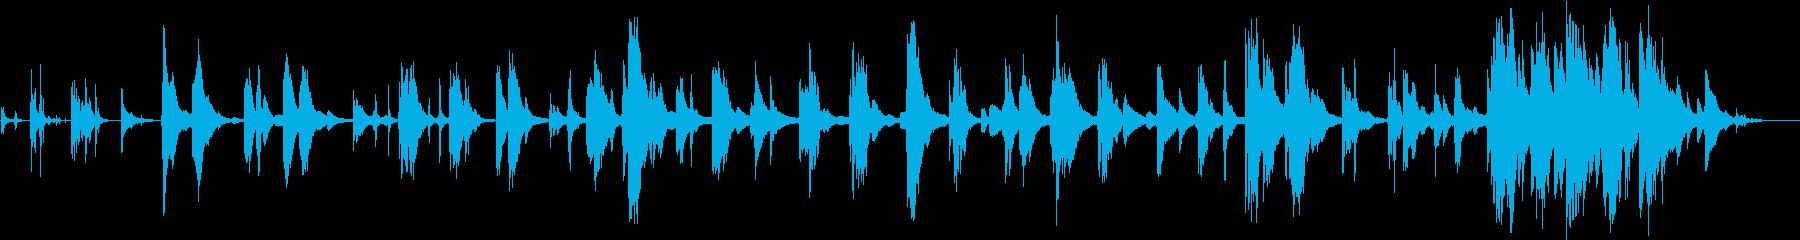 ピアノ♪宿命に生きる感動ドキュメンタリーの再生済みの波形